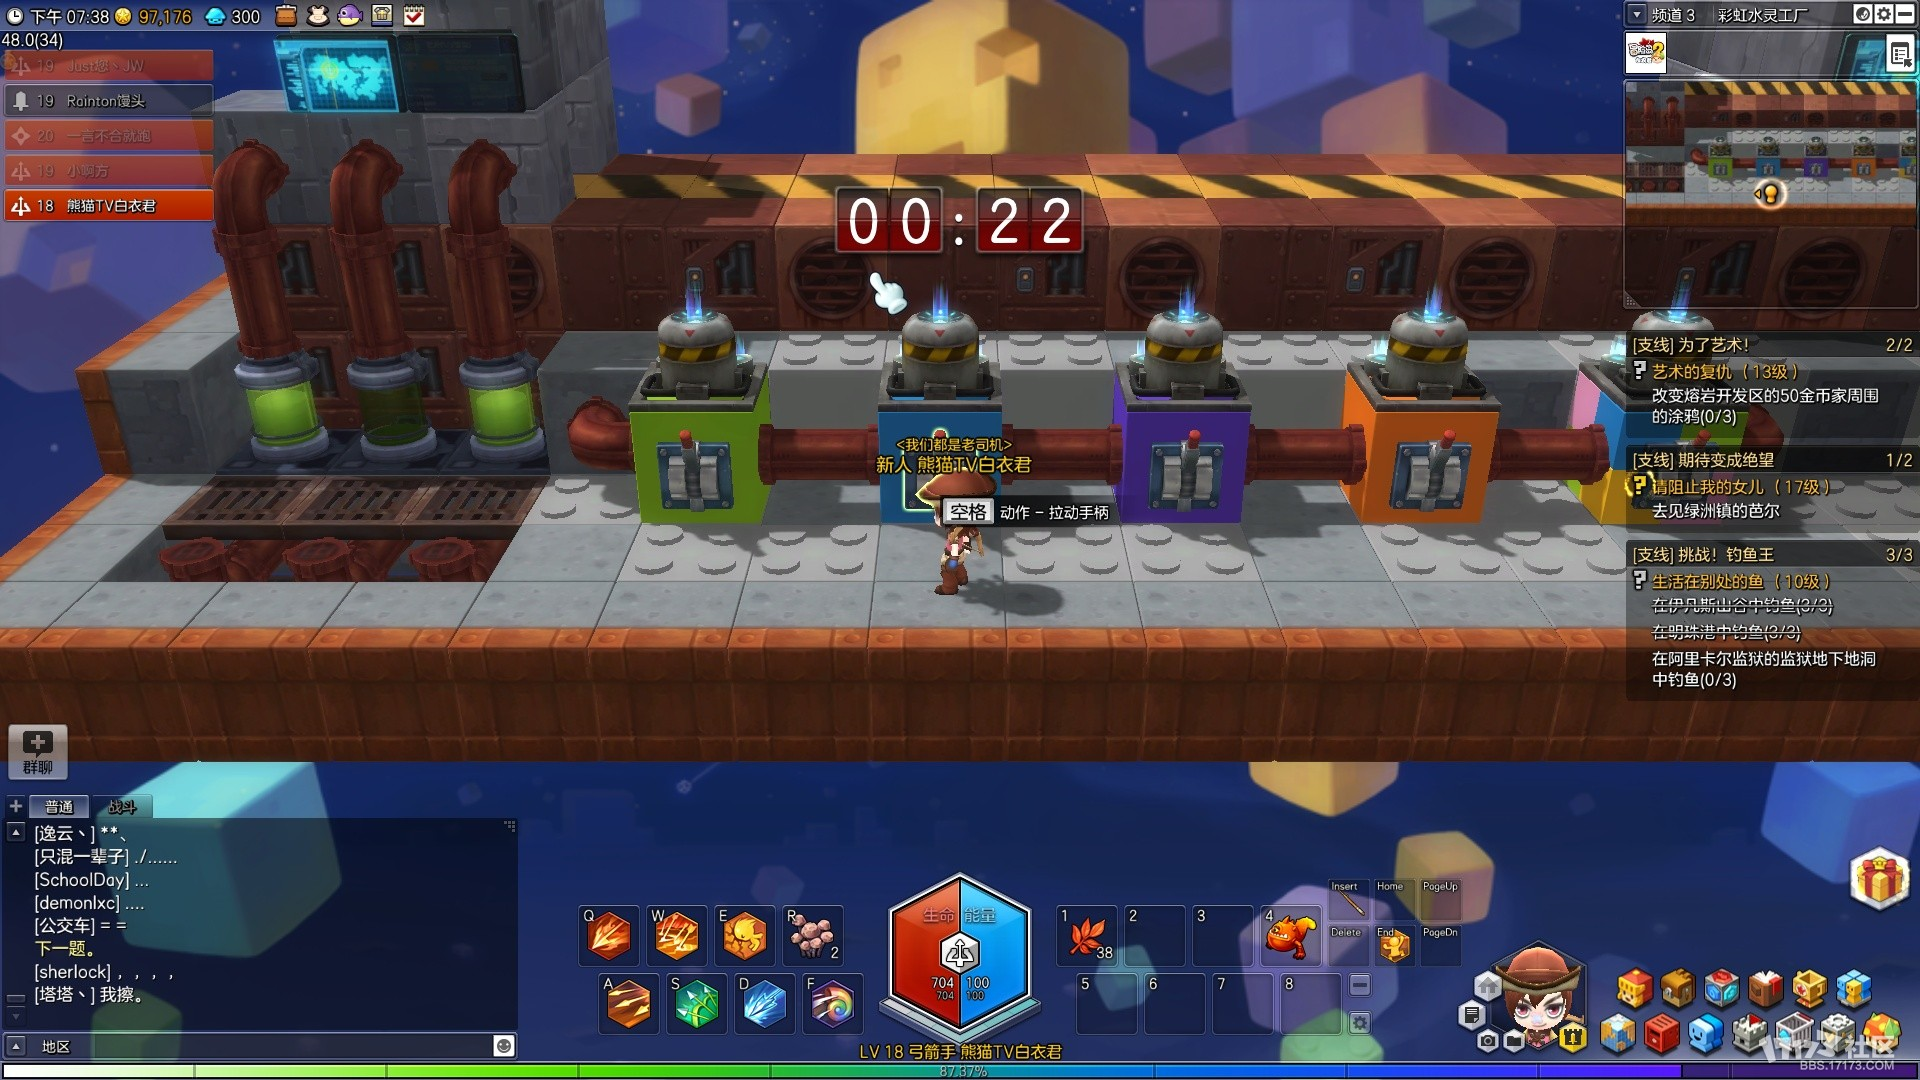 冒险岛2之帽子戏法开心愉悦的小游戏